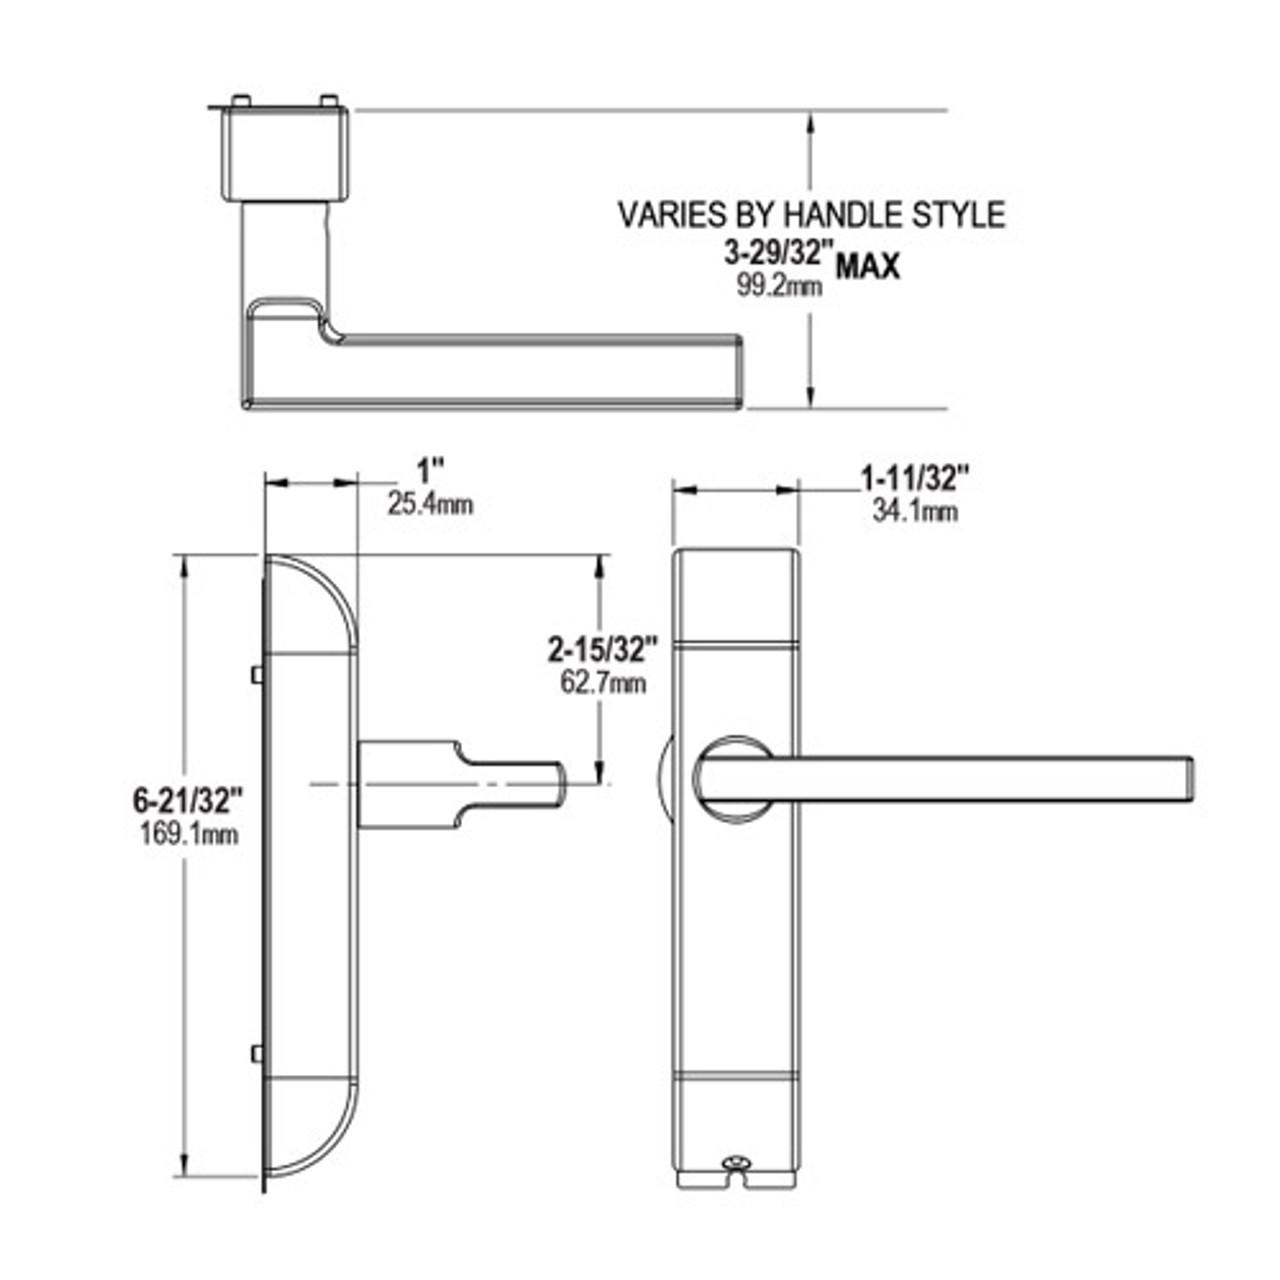 4600-ME-521-US10B Adams Rite ME Designer handle Dimensional View